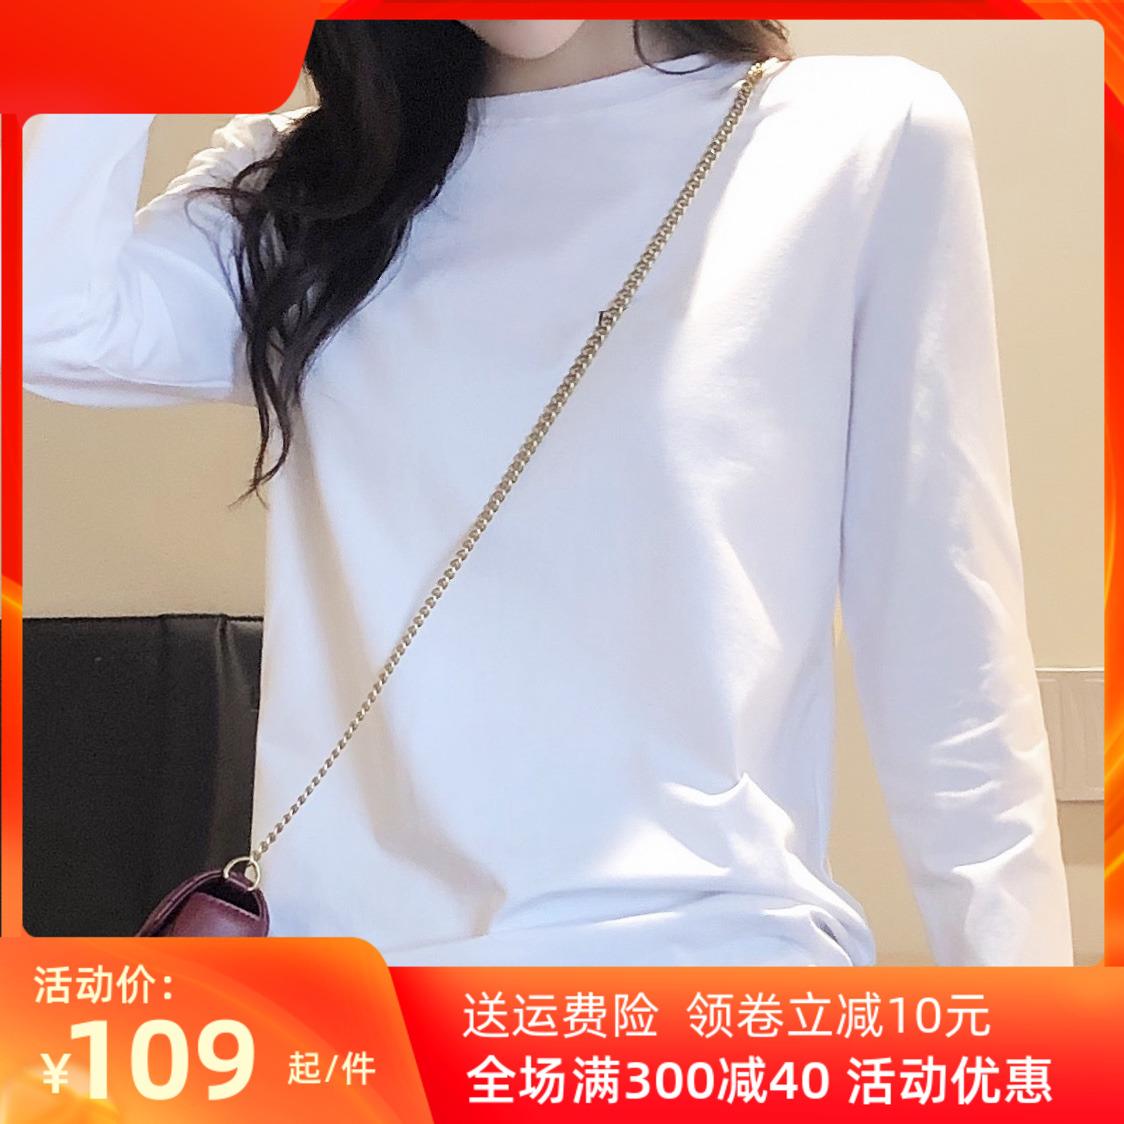 色加厚宽松纯棉圆领上衣打底衫